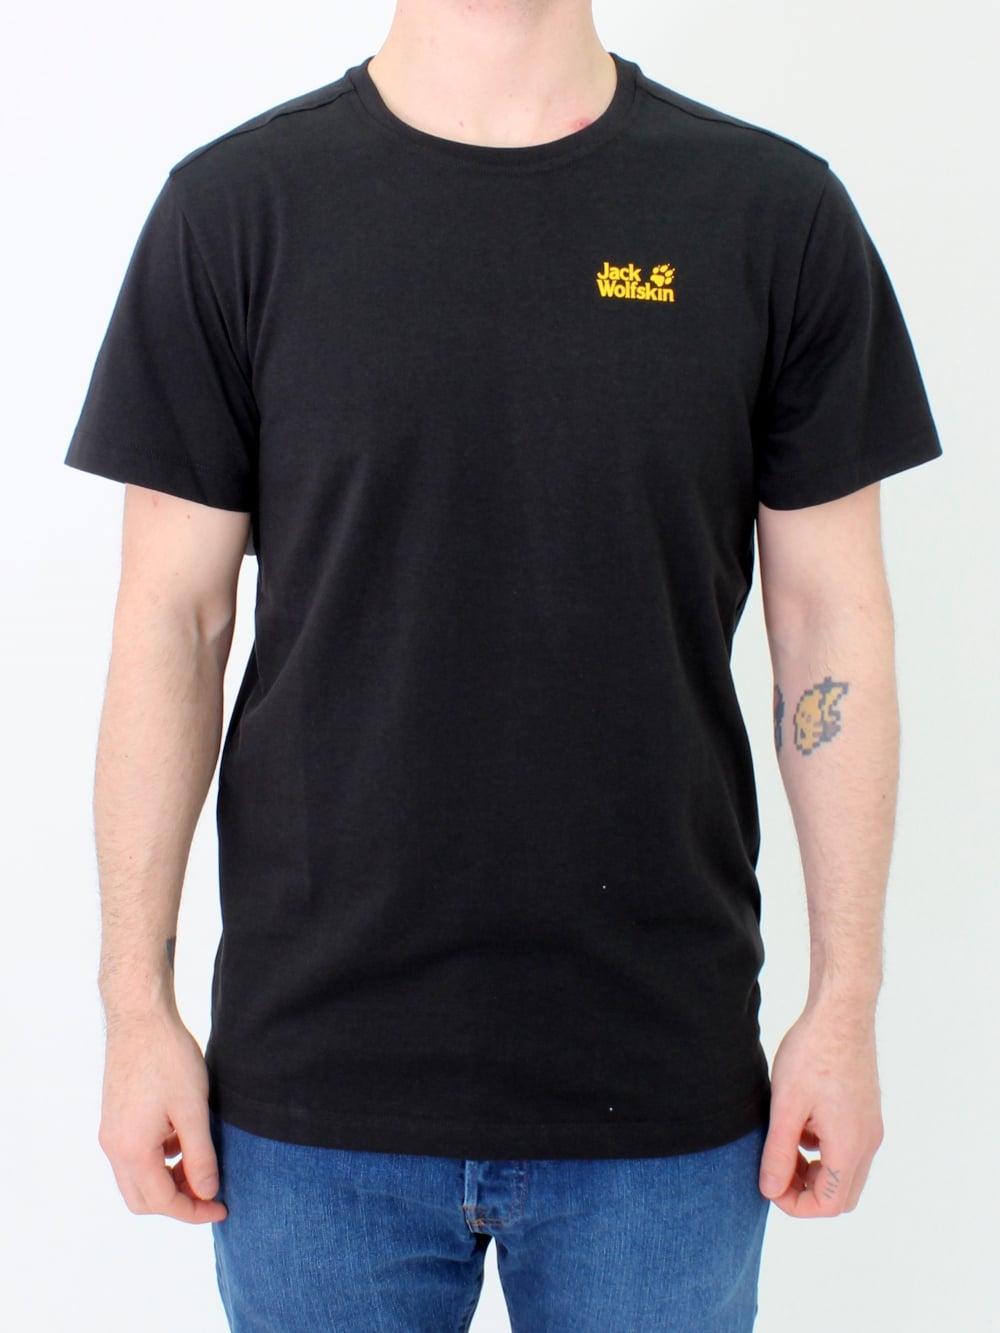 98ad34c3ce Jack Wolfskin Essential T.Shirt in Black   Northern Threads